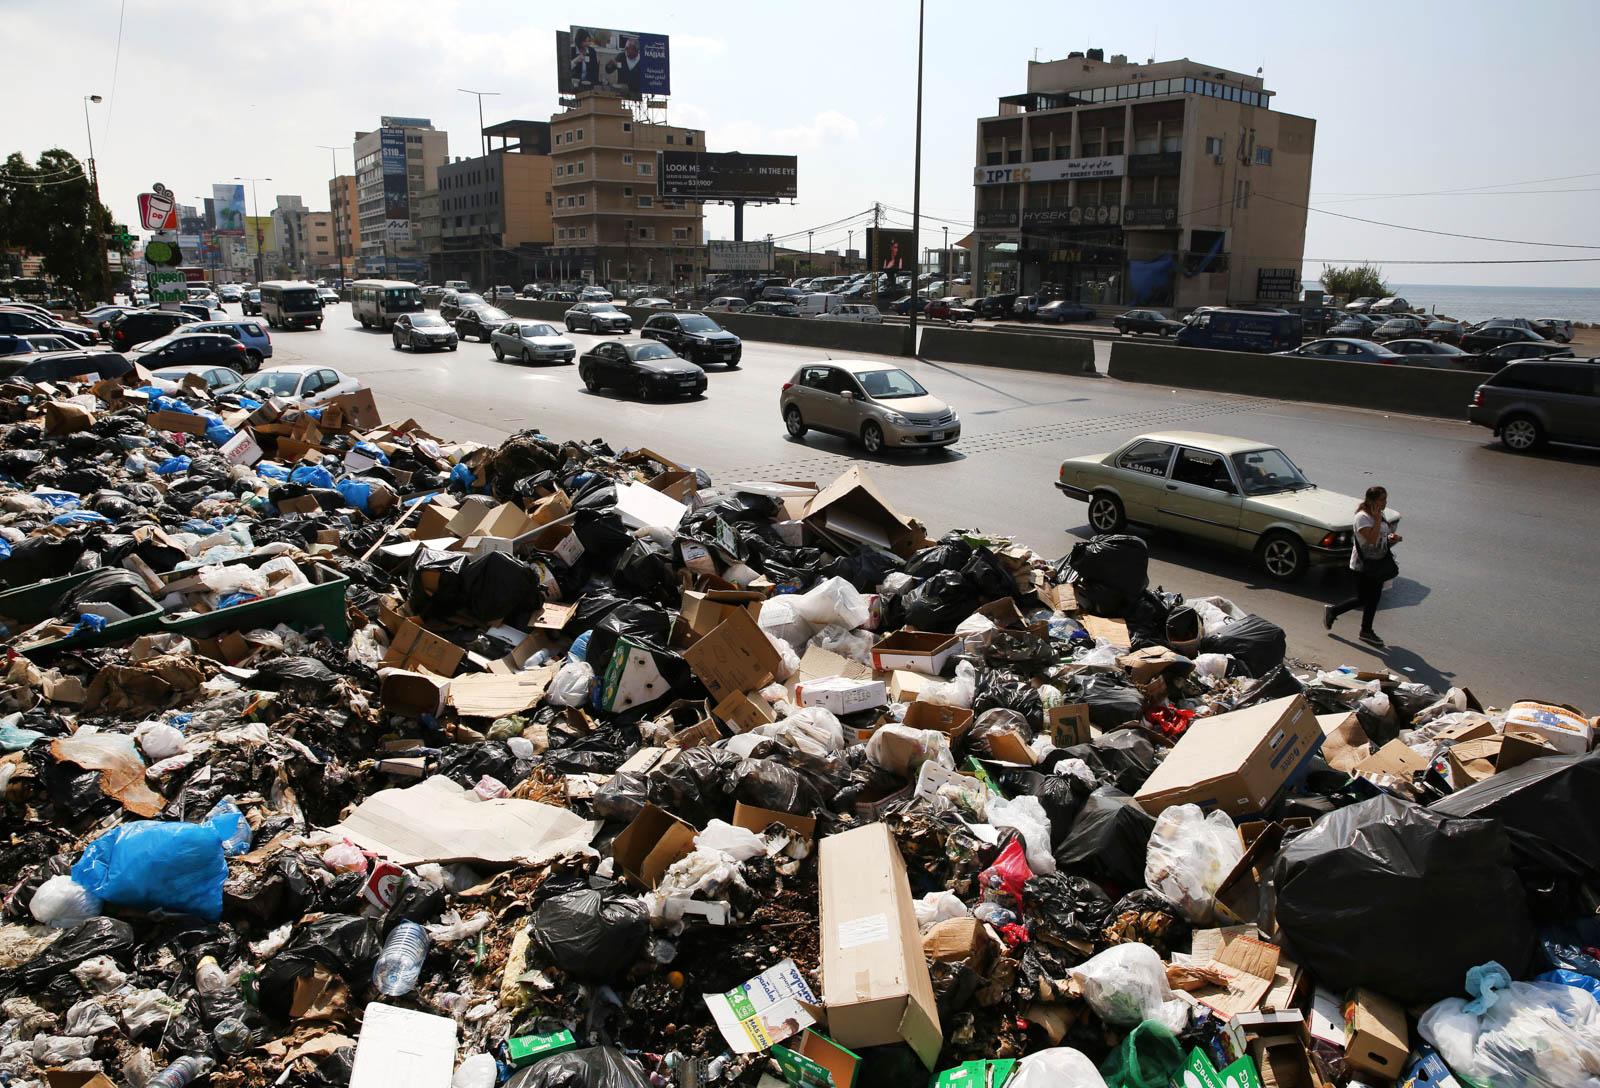 Мусор заполняет улицы (Ливан) (© AP Images)